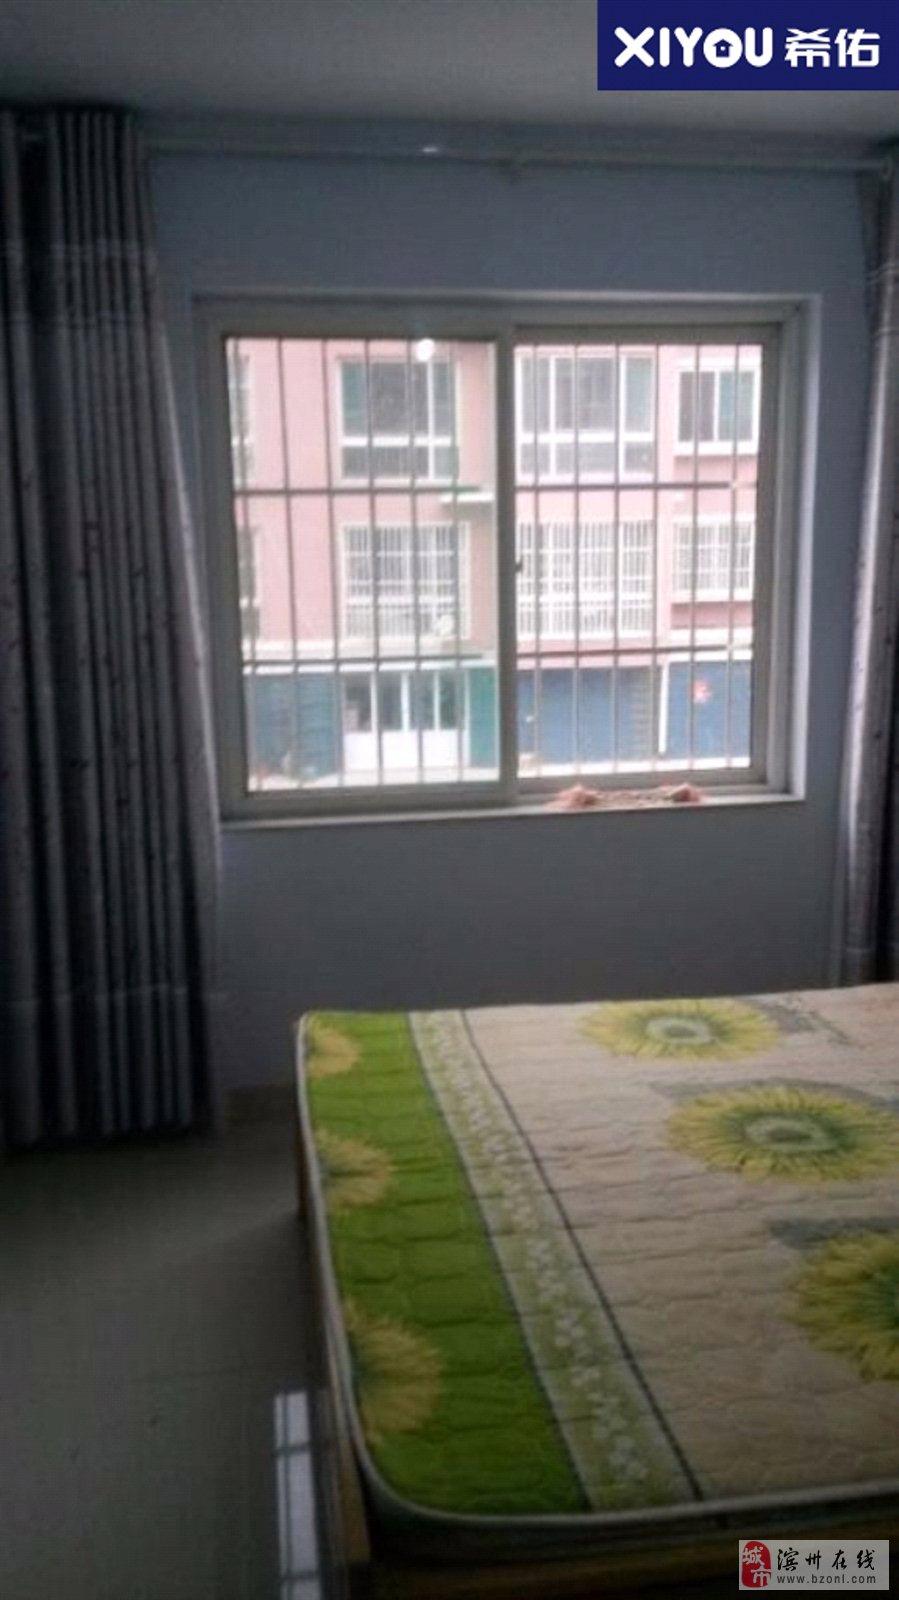 高梅金玉锦廷2室2厅1卫46万元